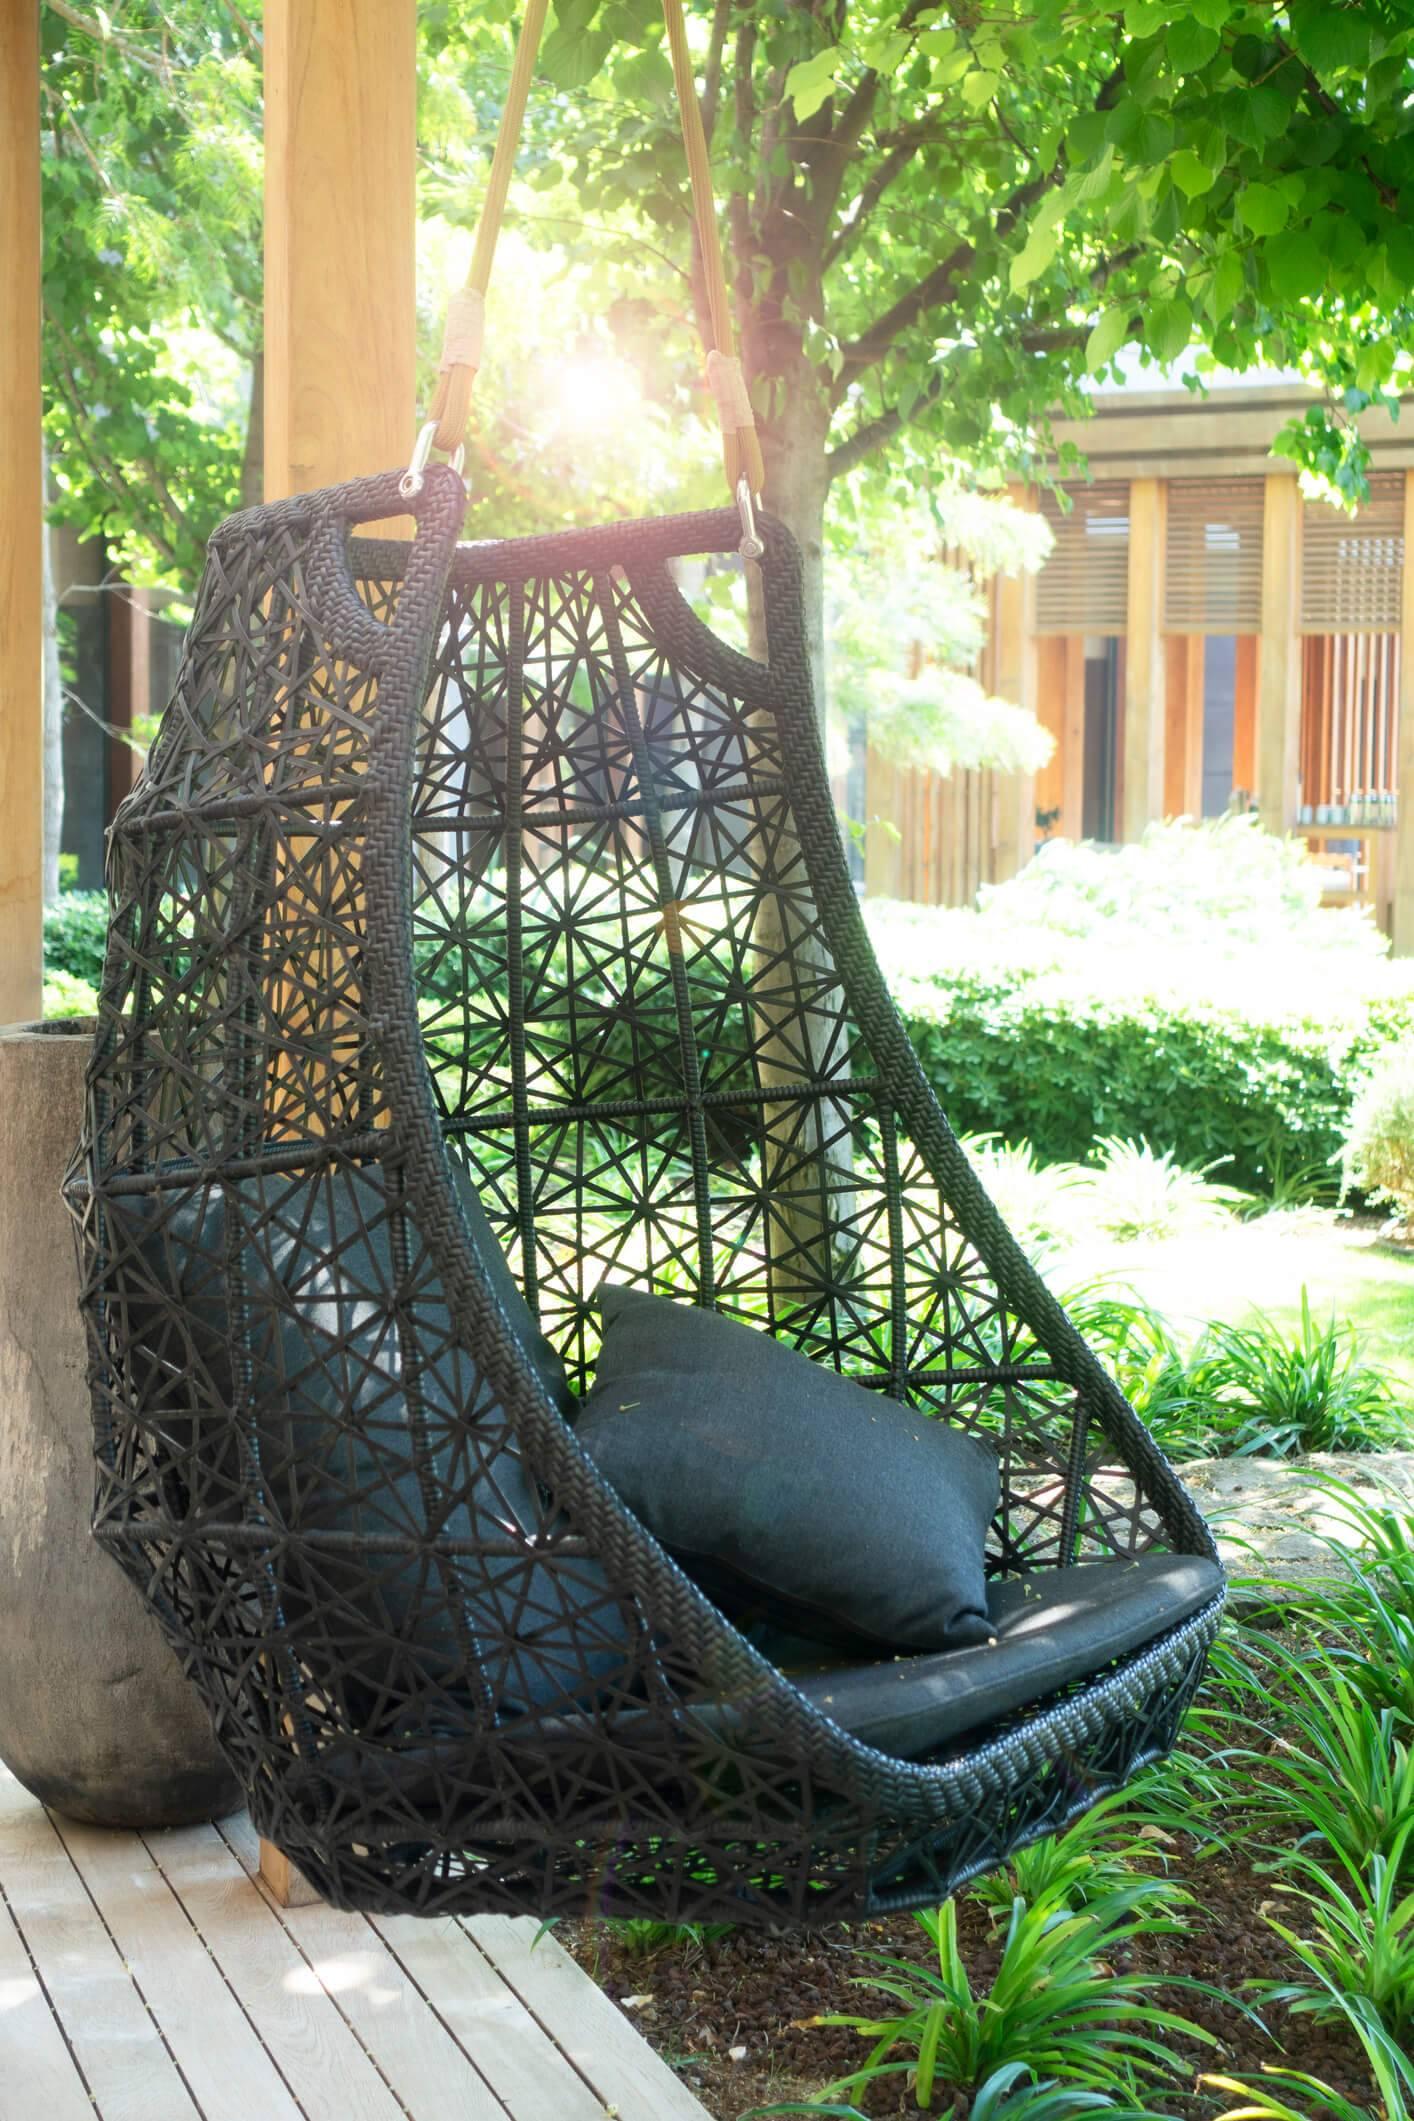 fauteuil suspendu un atout cocooning